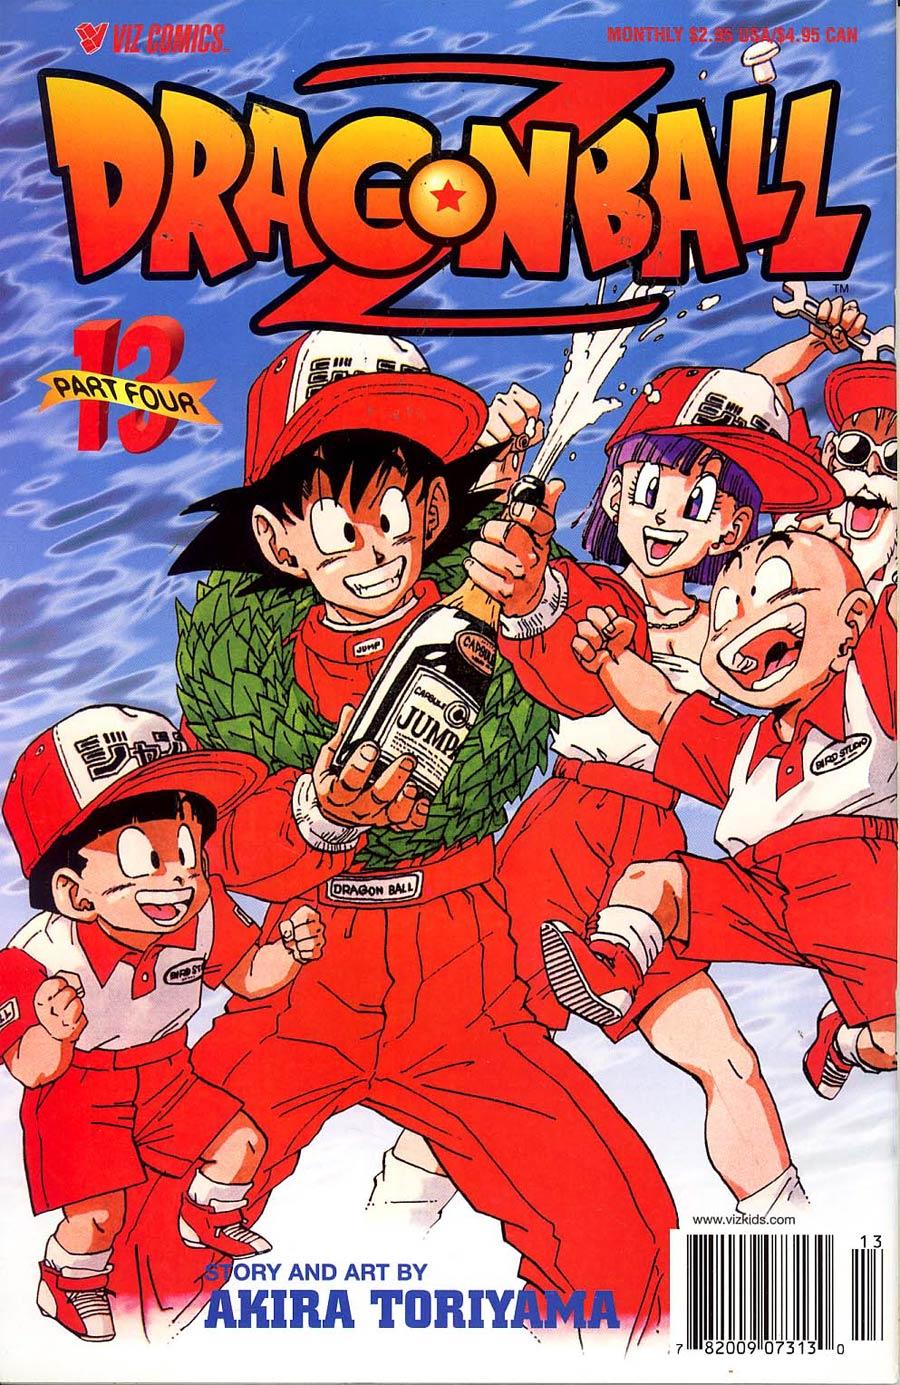 Dragon Ball Z Part 4 #13